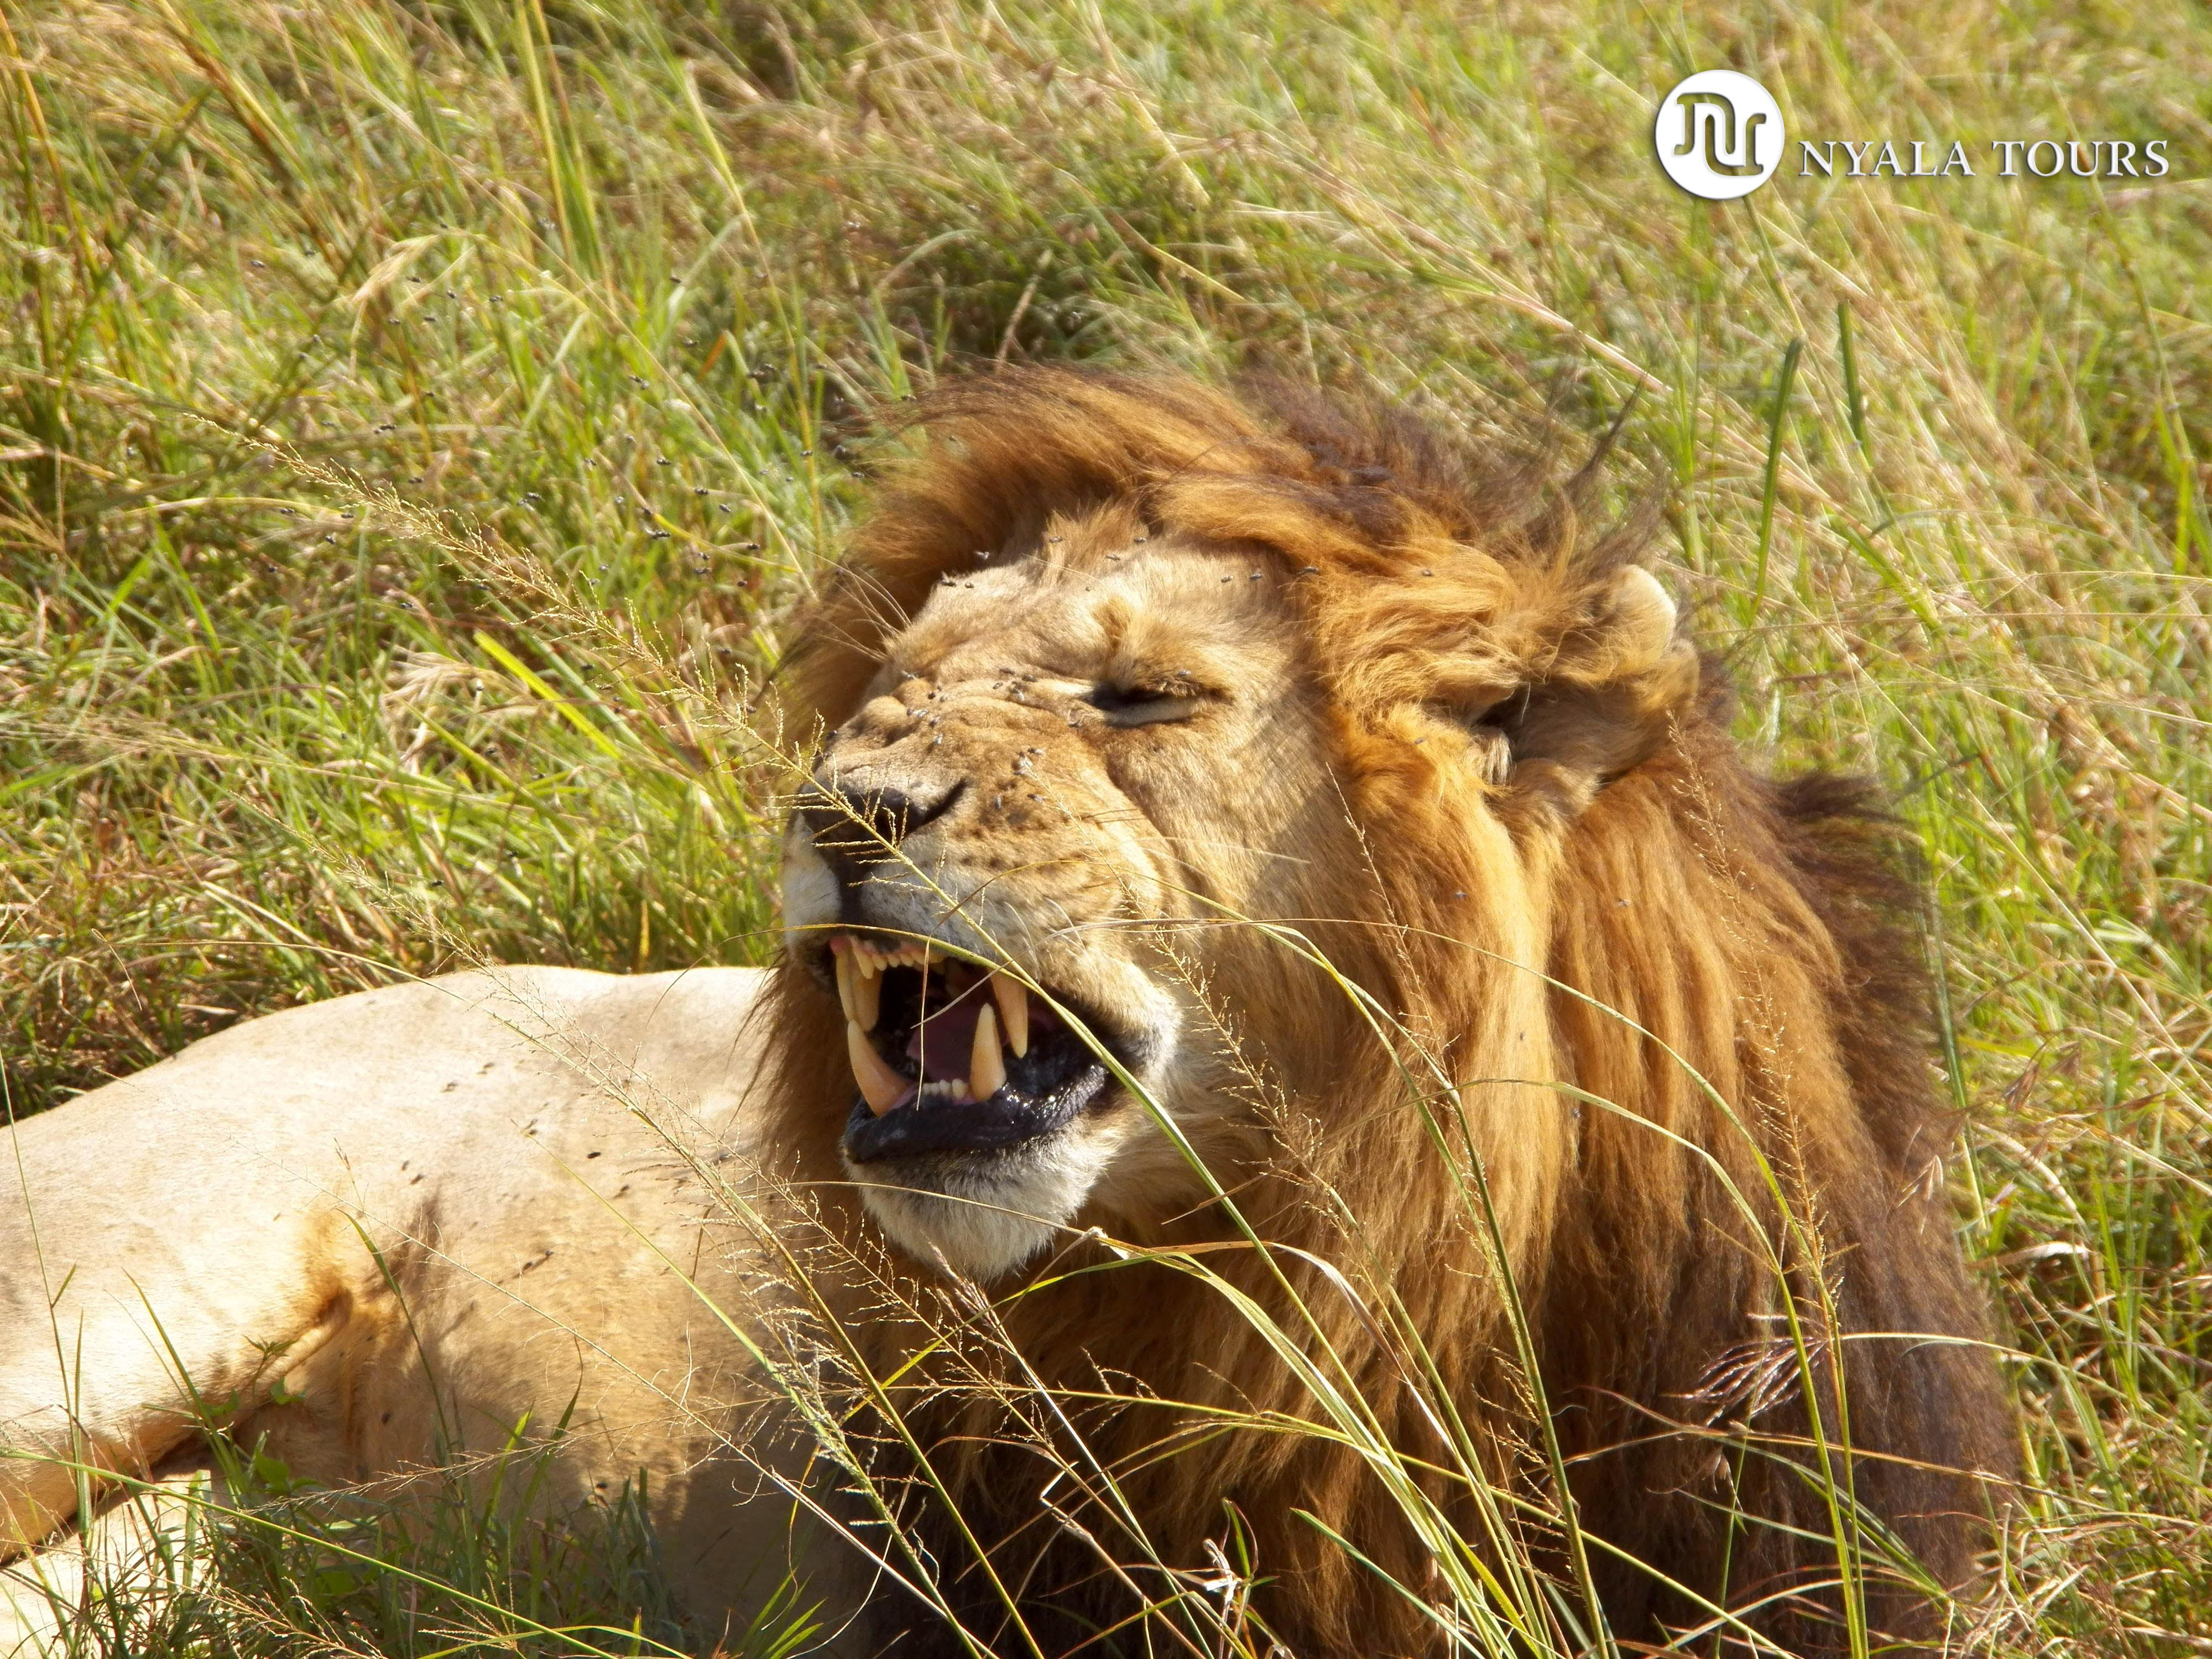 LION GROWLING, MARA